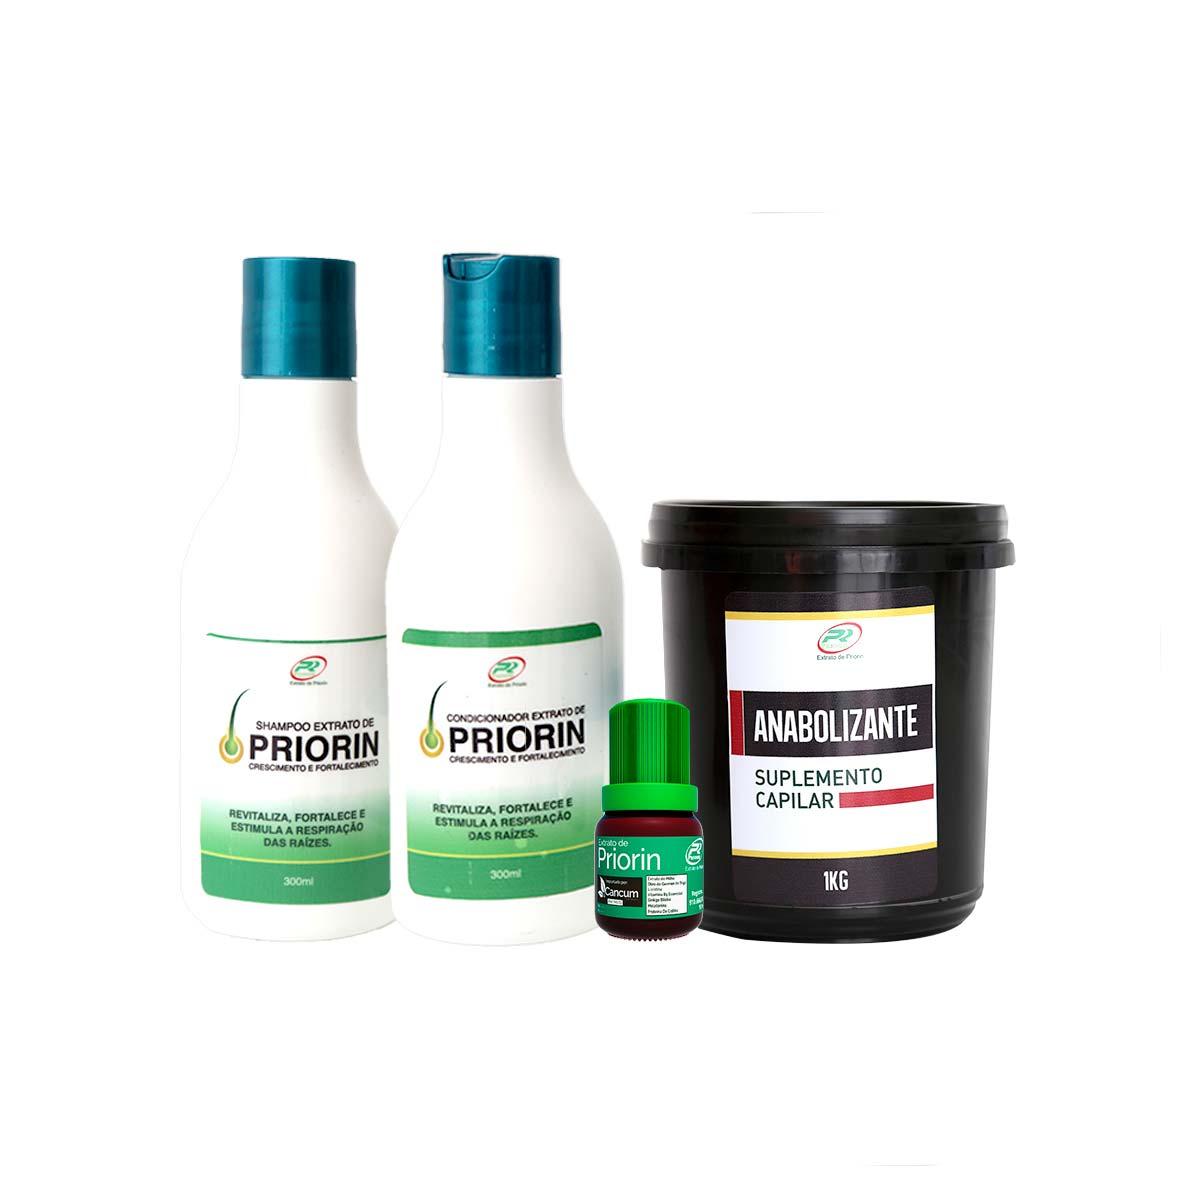 Tônico Capilar (cresce cabelo) + Shampoo e Condicionador + Anabolizante 1Kg  - Extrato de Priorin